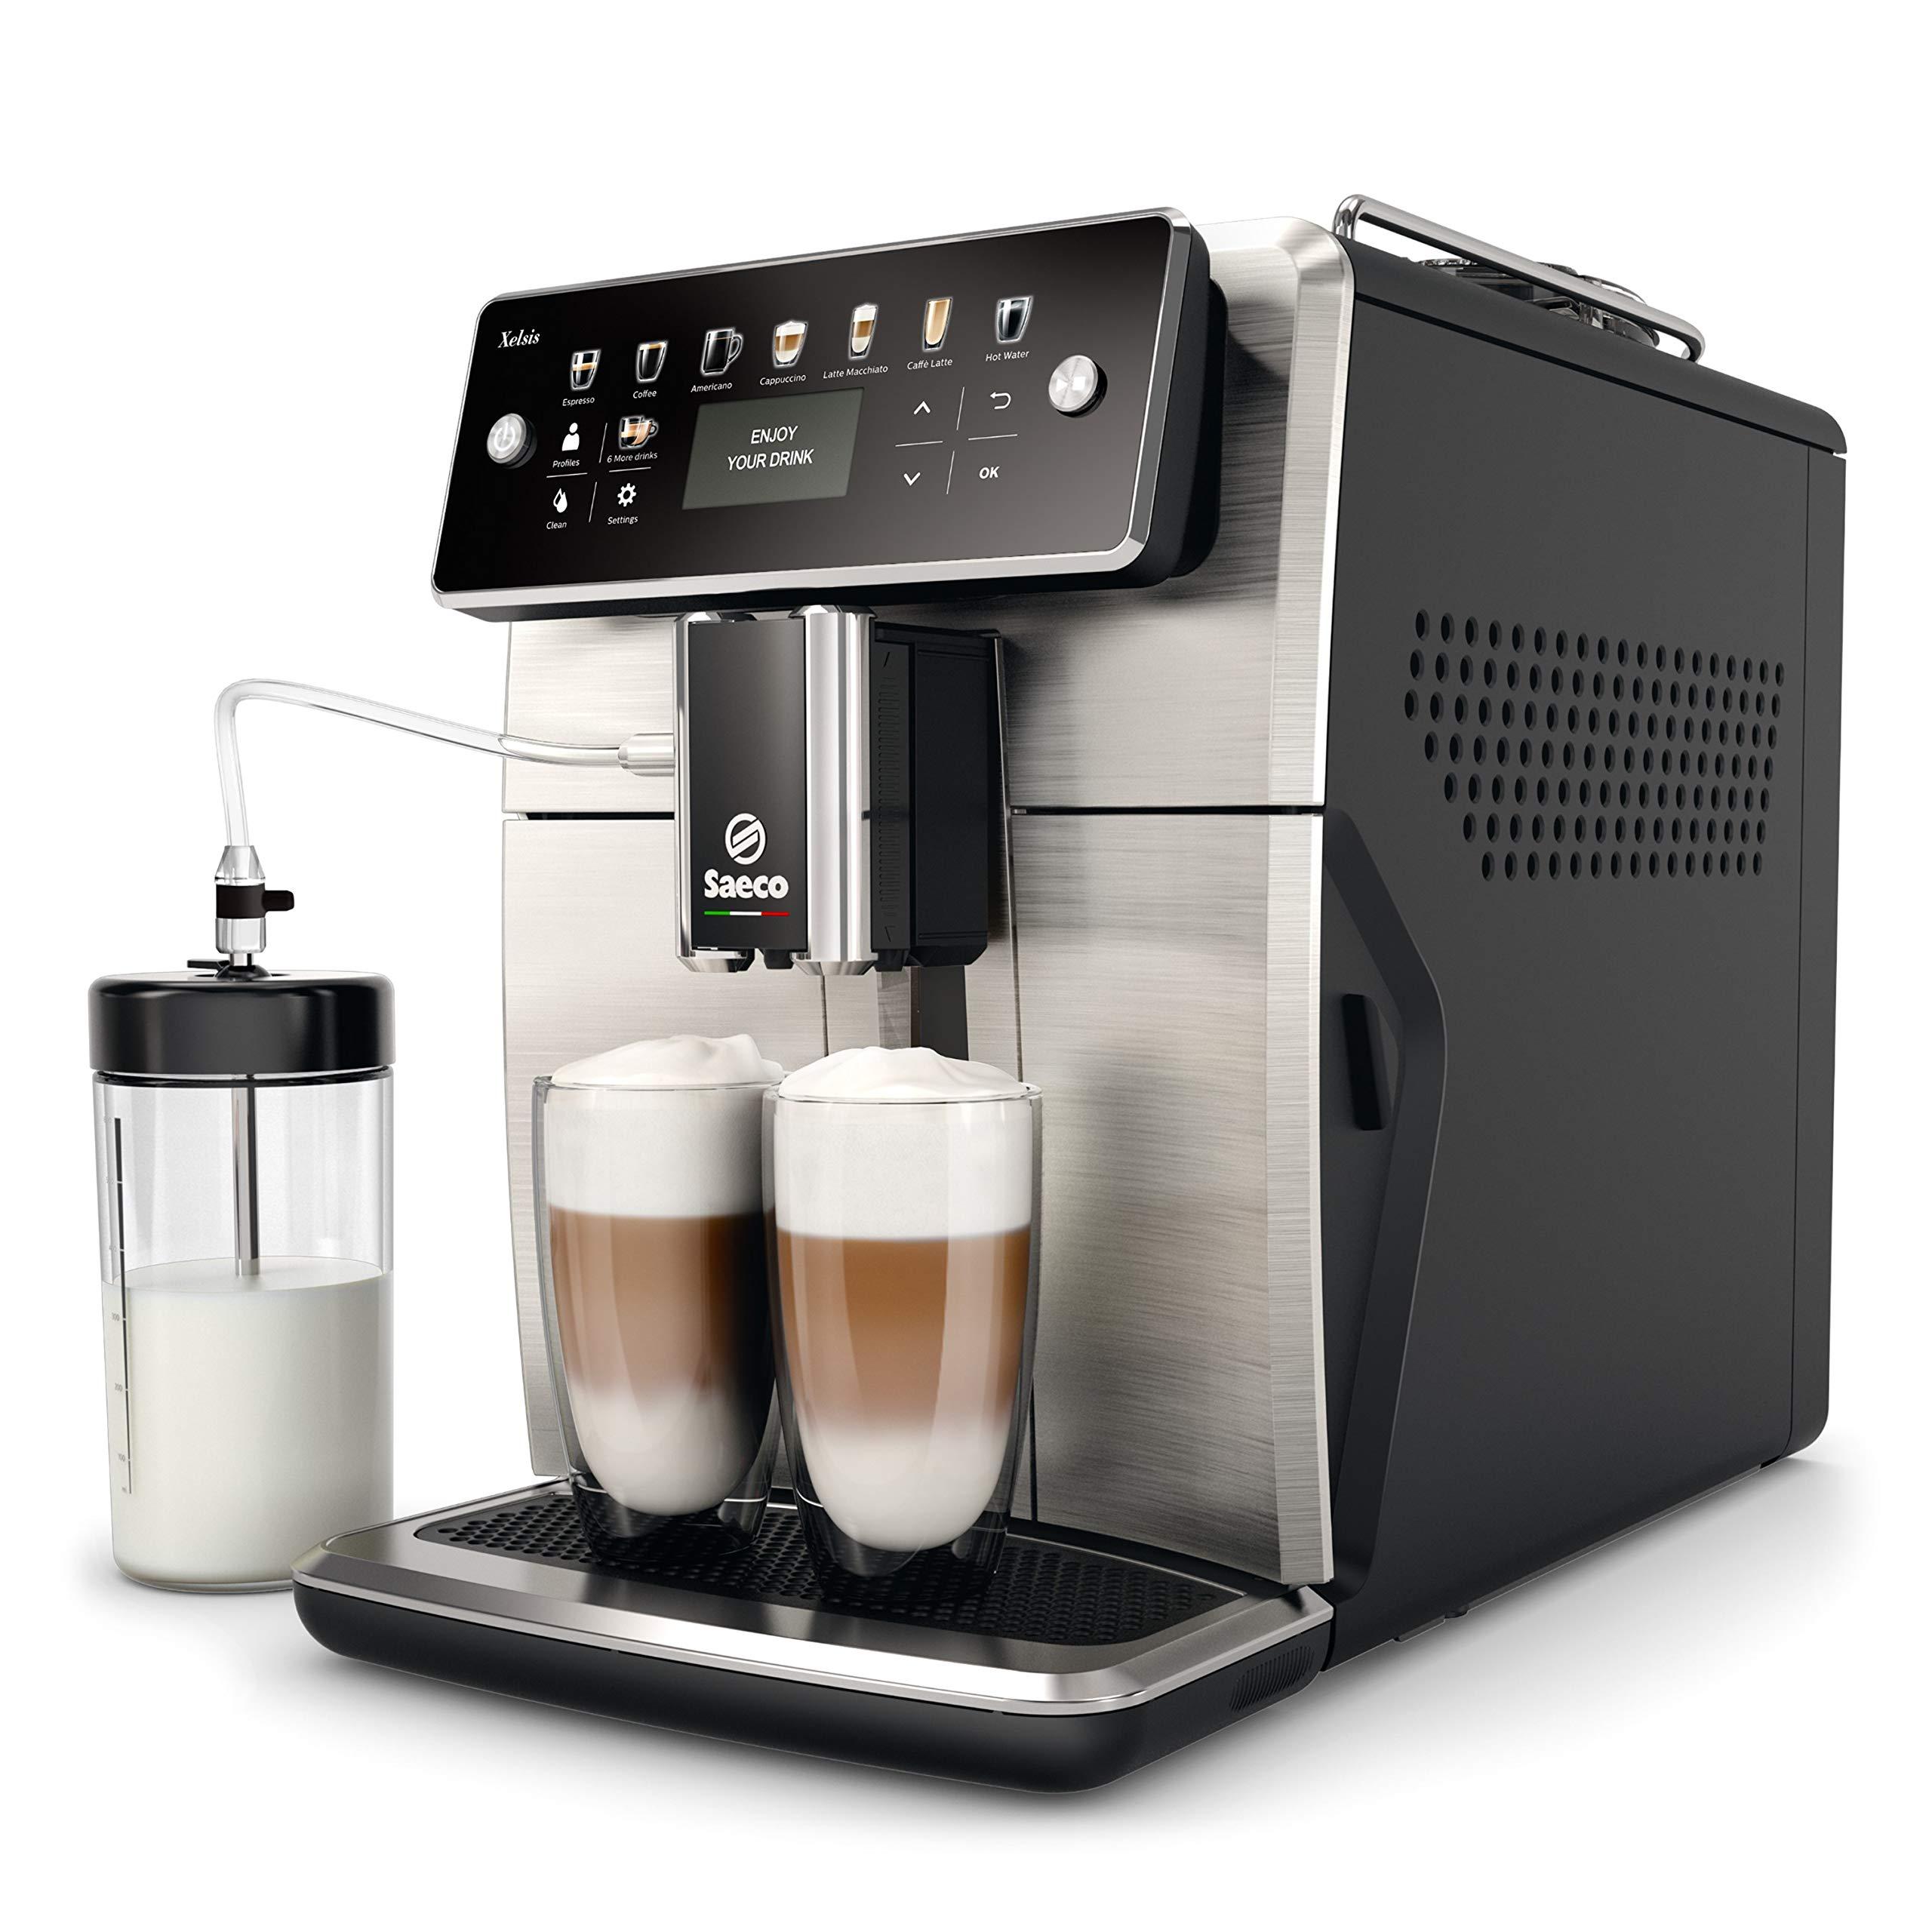 Saeco SM7583/00 Cafetera automática, Acero Inoxidable: Amazon.es ...